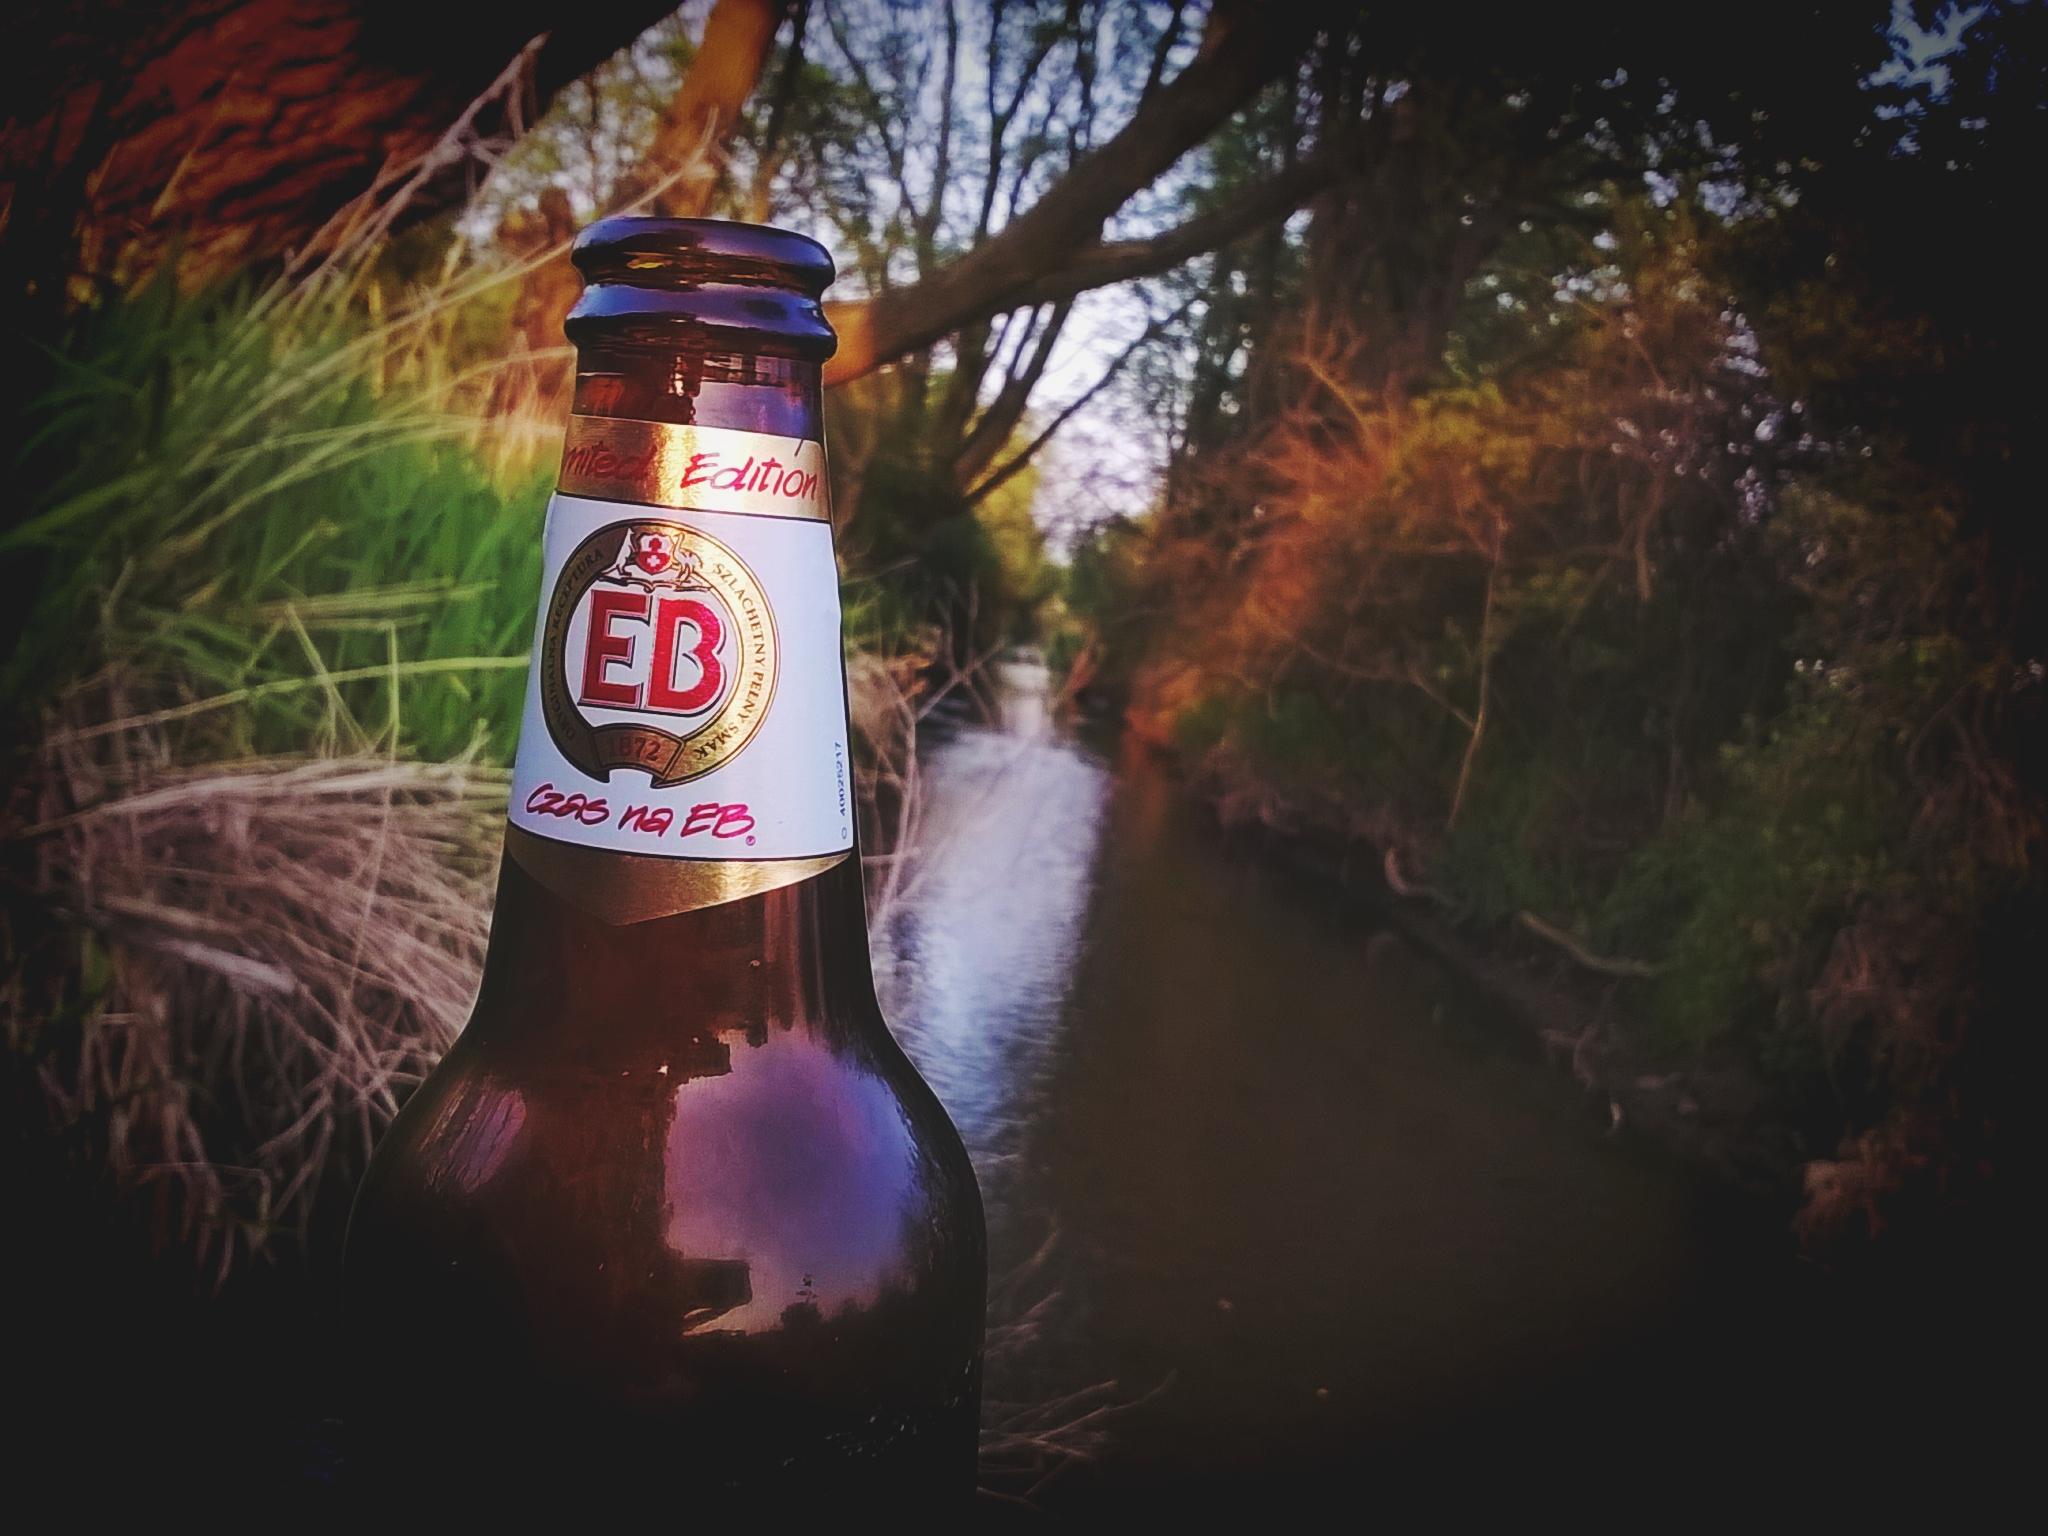 W maju przypomniałem sobie smak dzieciństwa. Tzn, wypiłem więcej niż samą pianę. Piwo jak piwo, bez rewelacji.